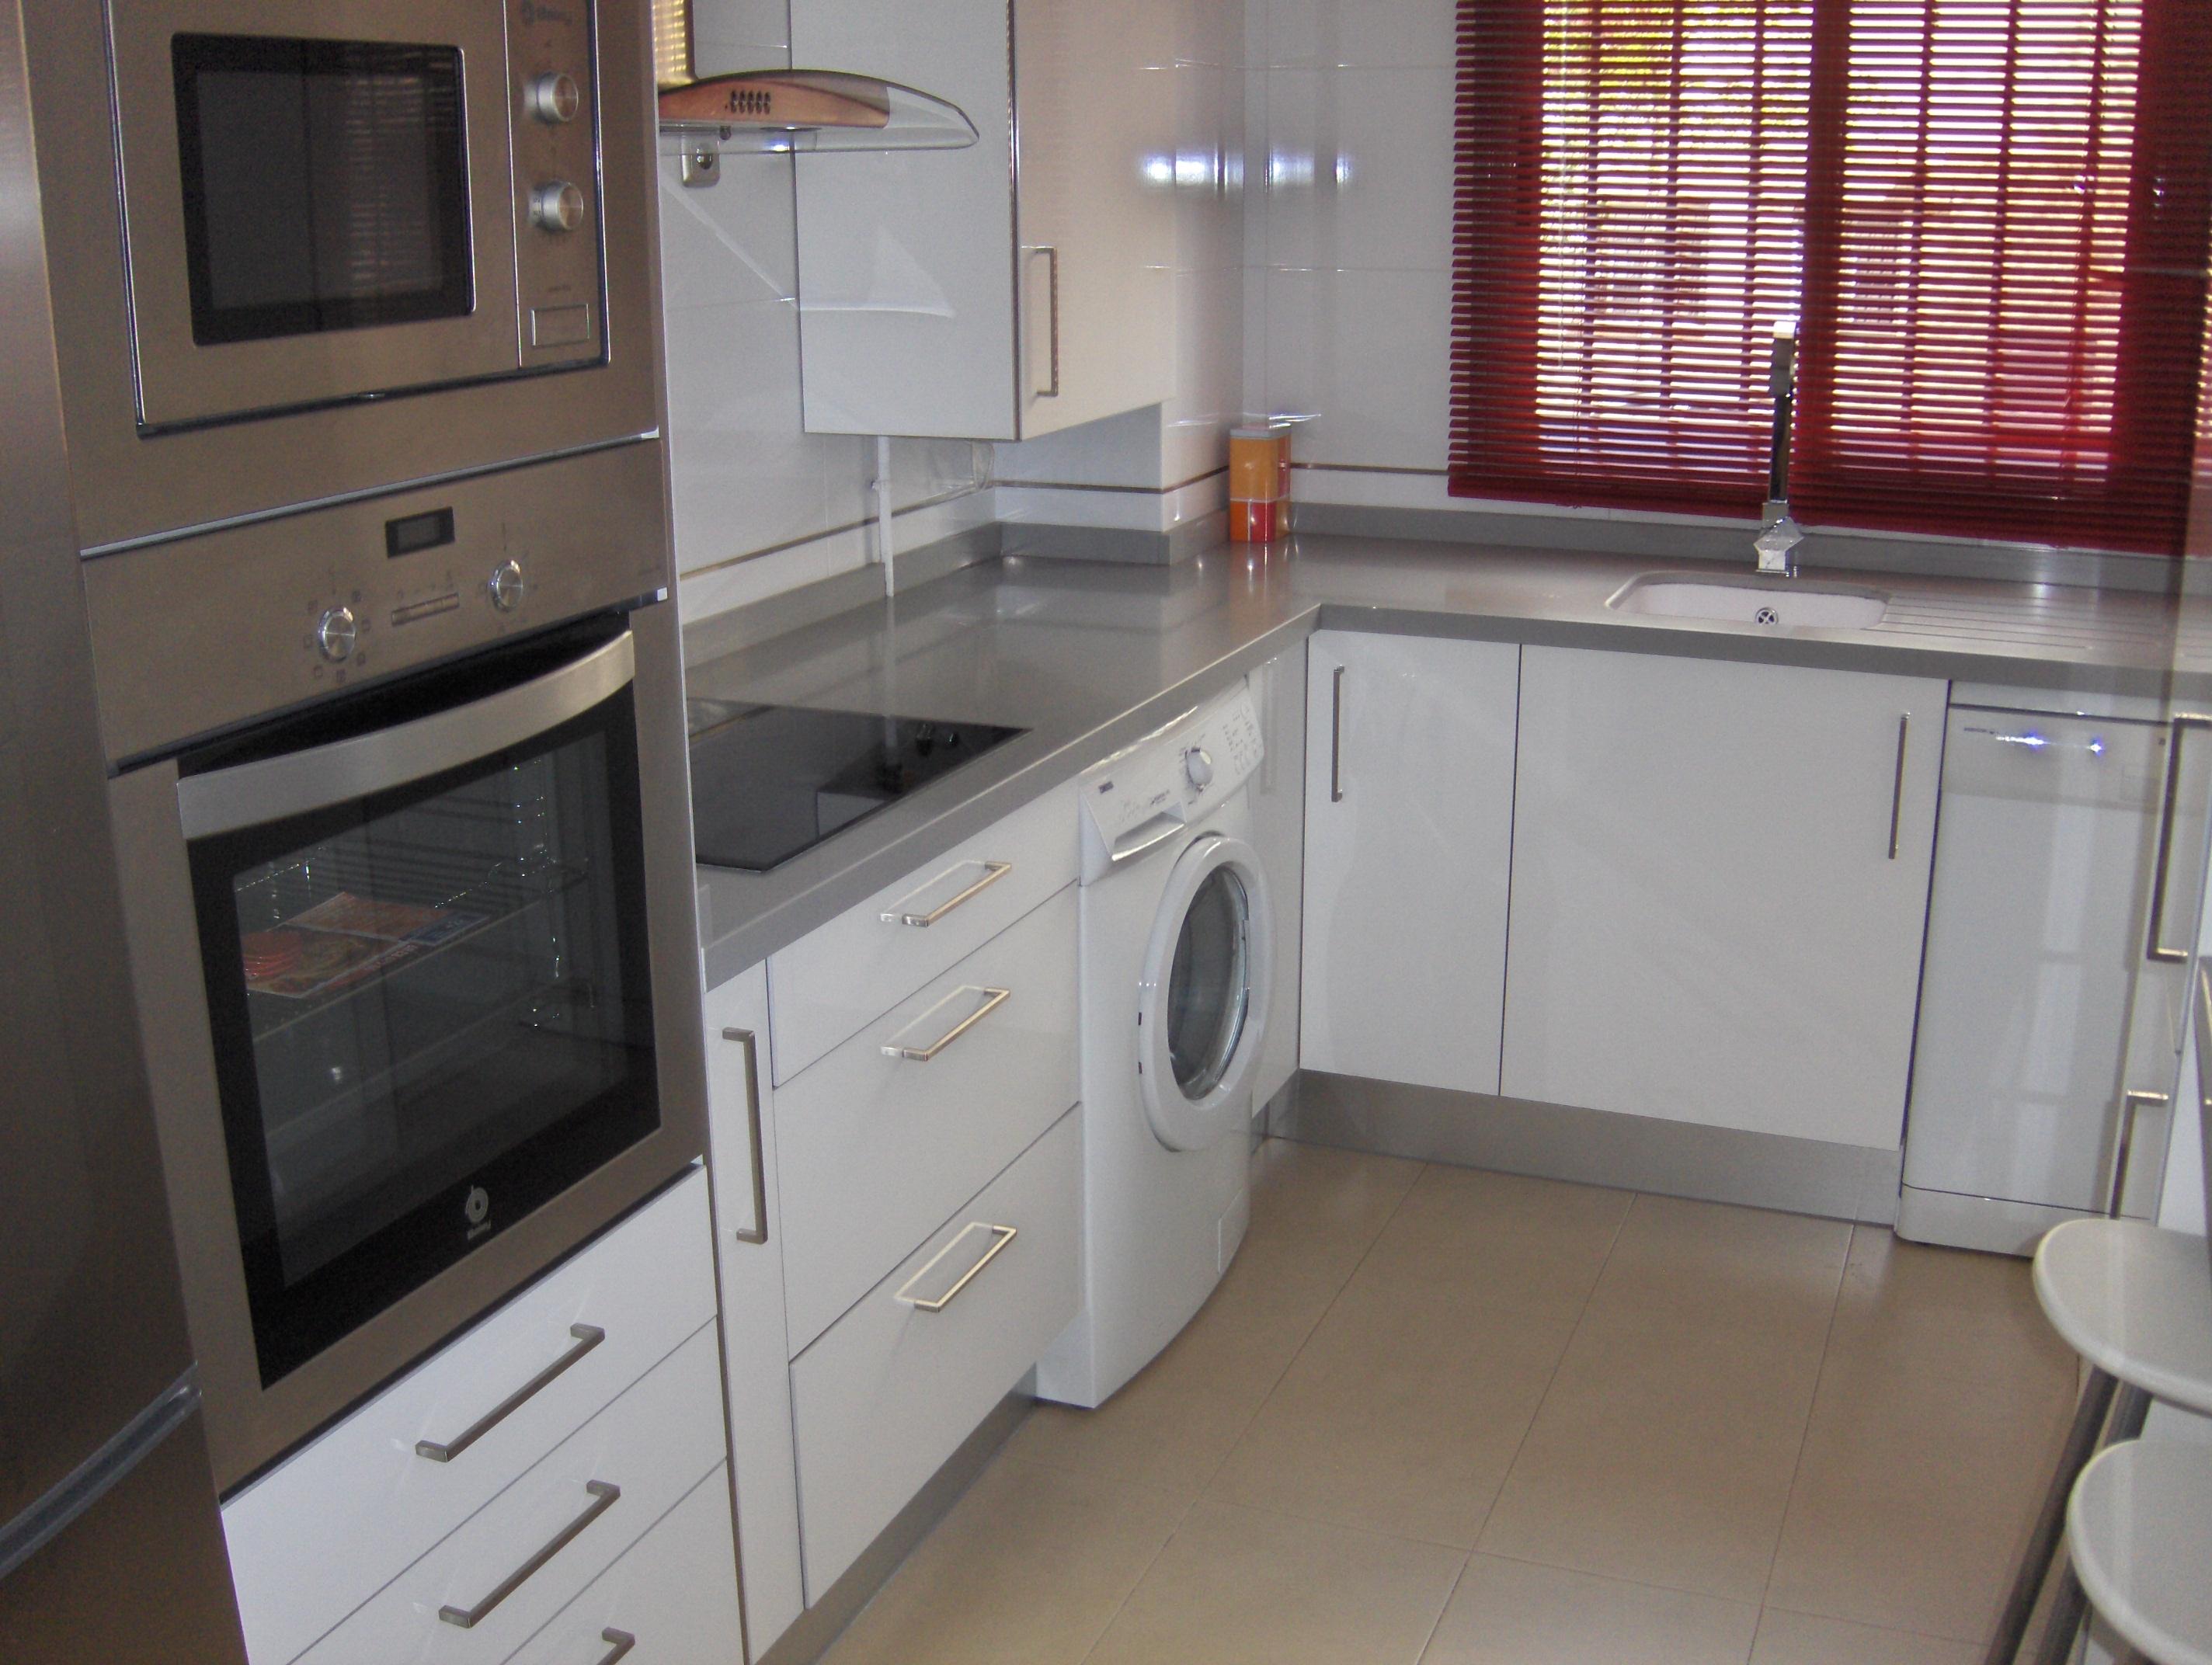 Cocinas seleccion sevilla blanca con encimera gris 3 selecci n cocinas - Cocina blanca encimera gris ...